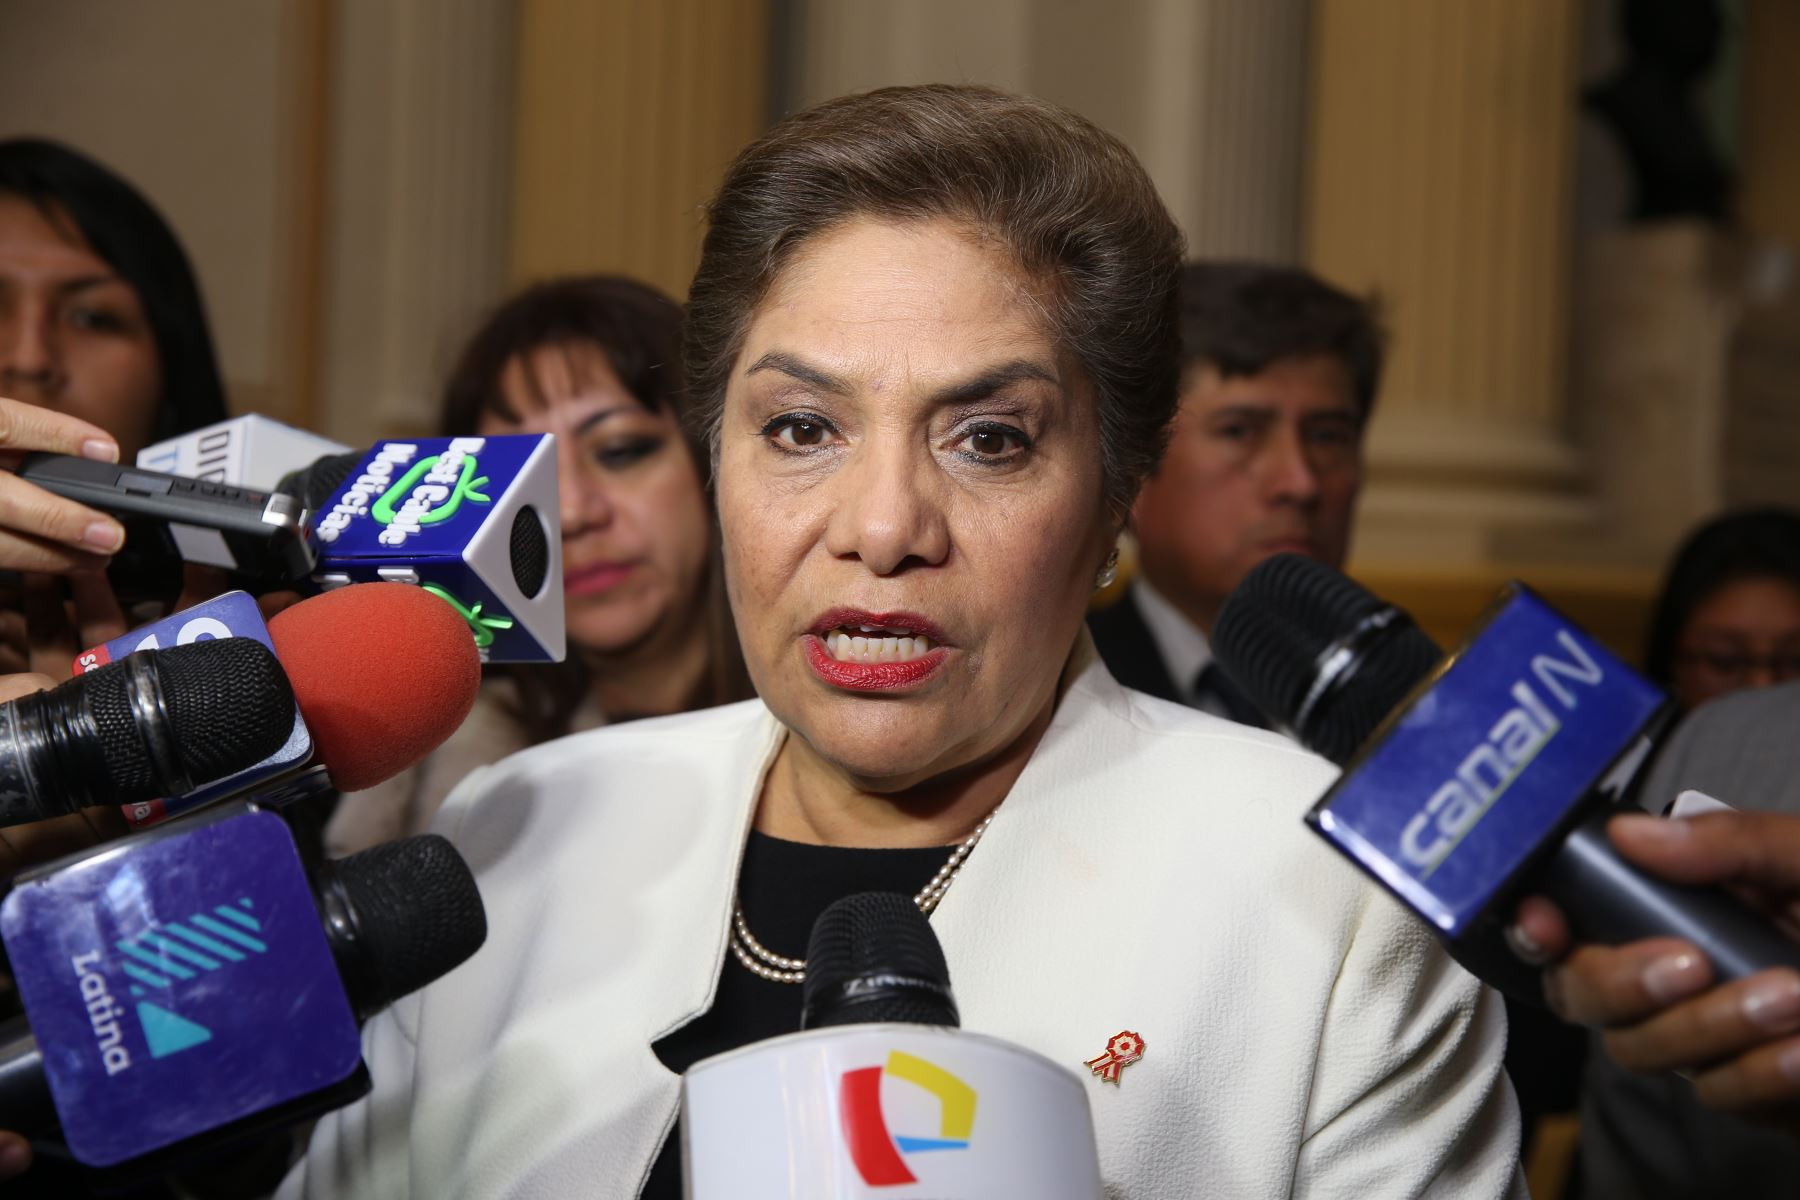 Presidente Maduro asistirá puntualmente a Lima (COMUNICADO) — Cancillería